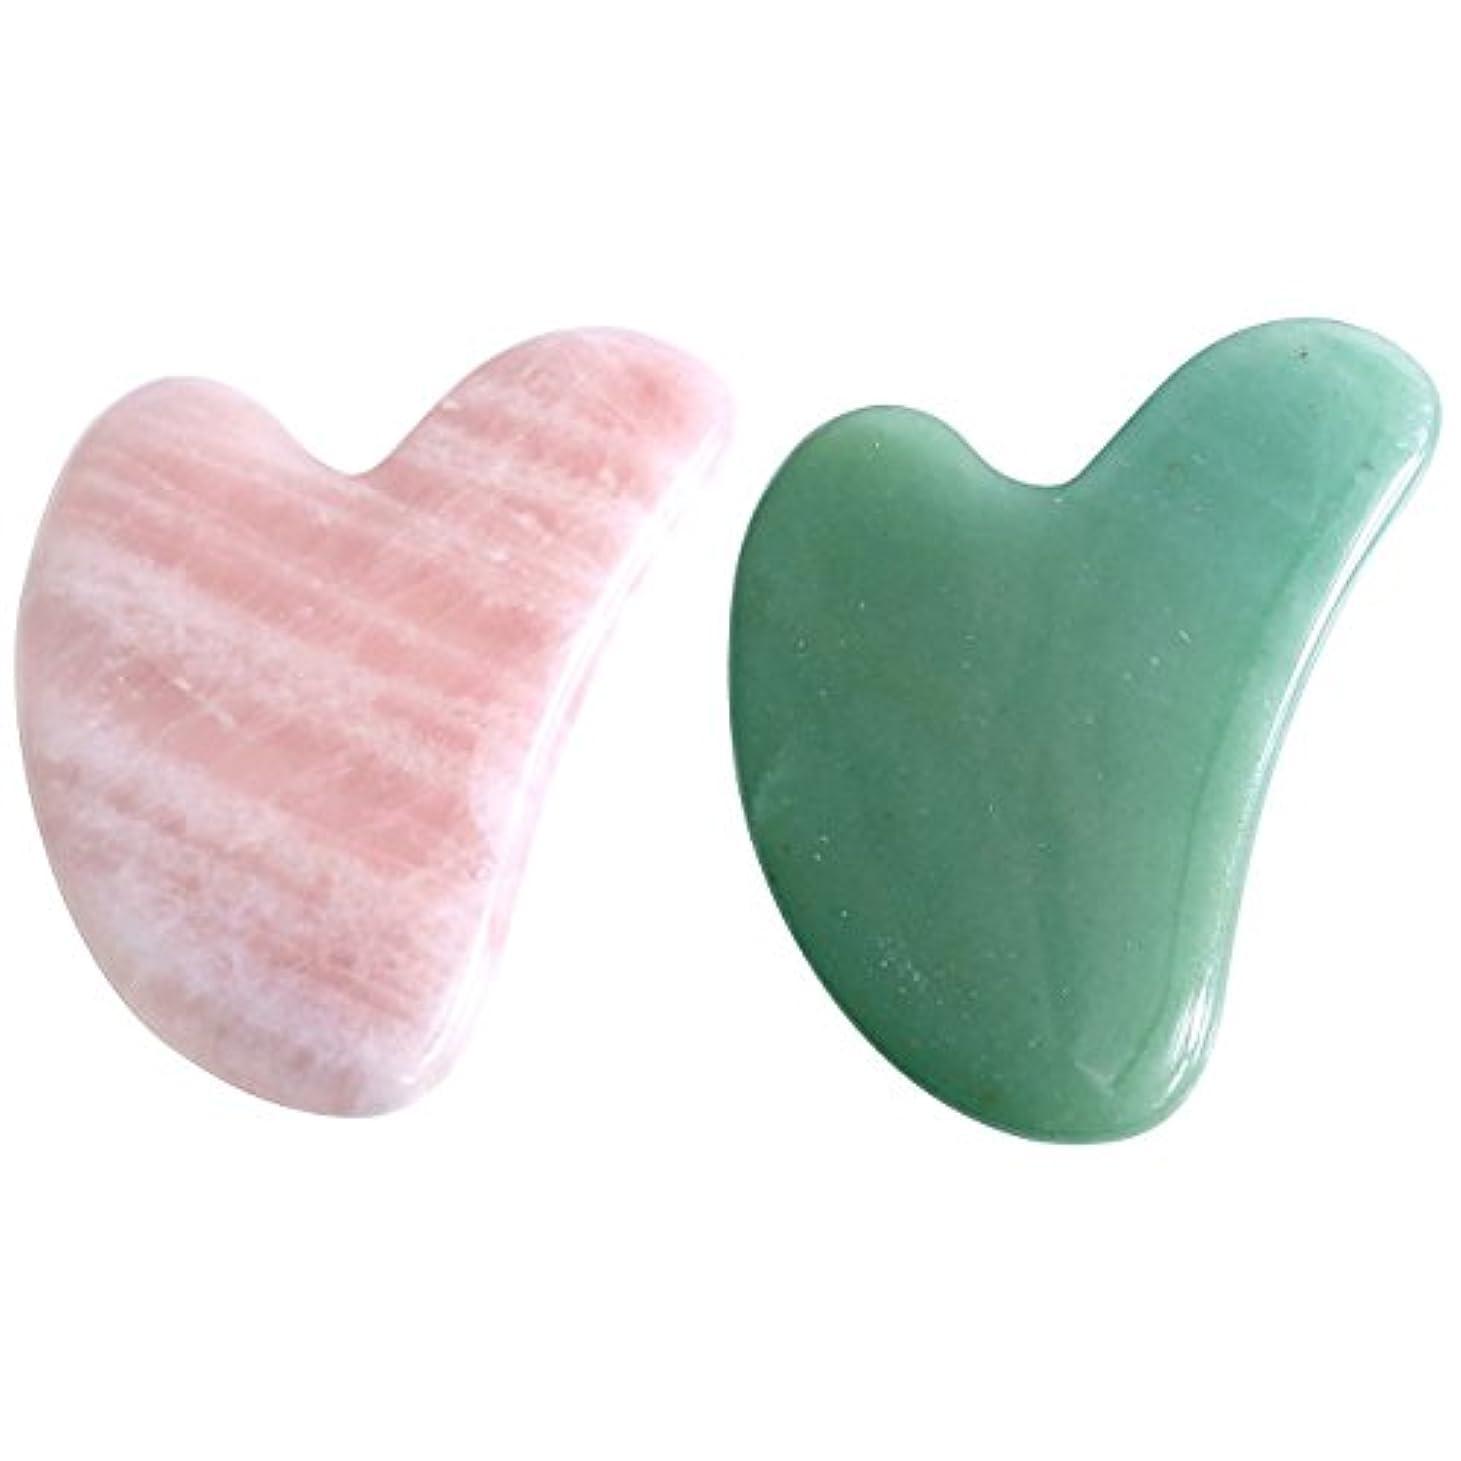 フロント能力グループ2点セット2pcsFace / Body Massage rose quartz/ Adventurine heart shape Gua Sha 心臓の/ハート形状かっさプレート 天然石ローズクォーツ 翡翠,顔?ボディ...